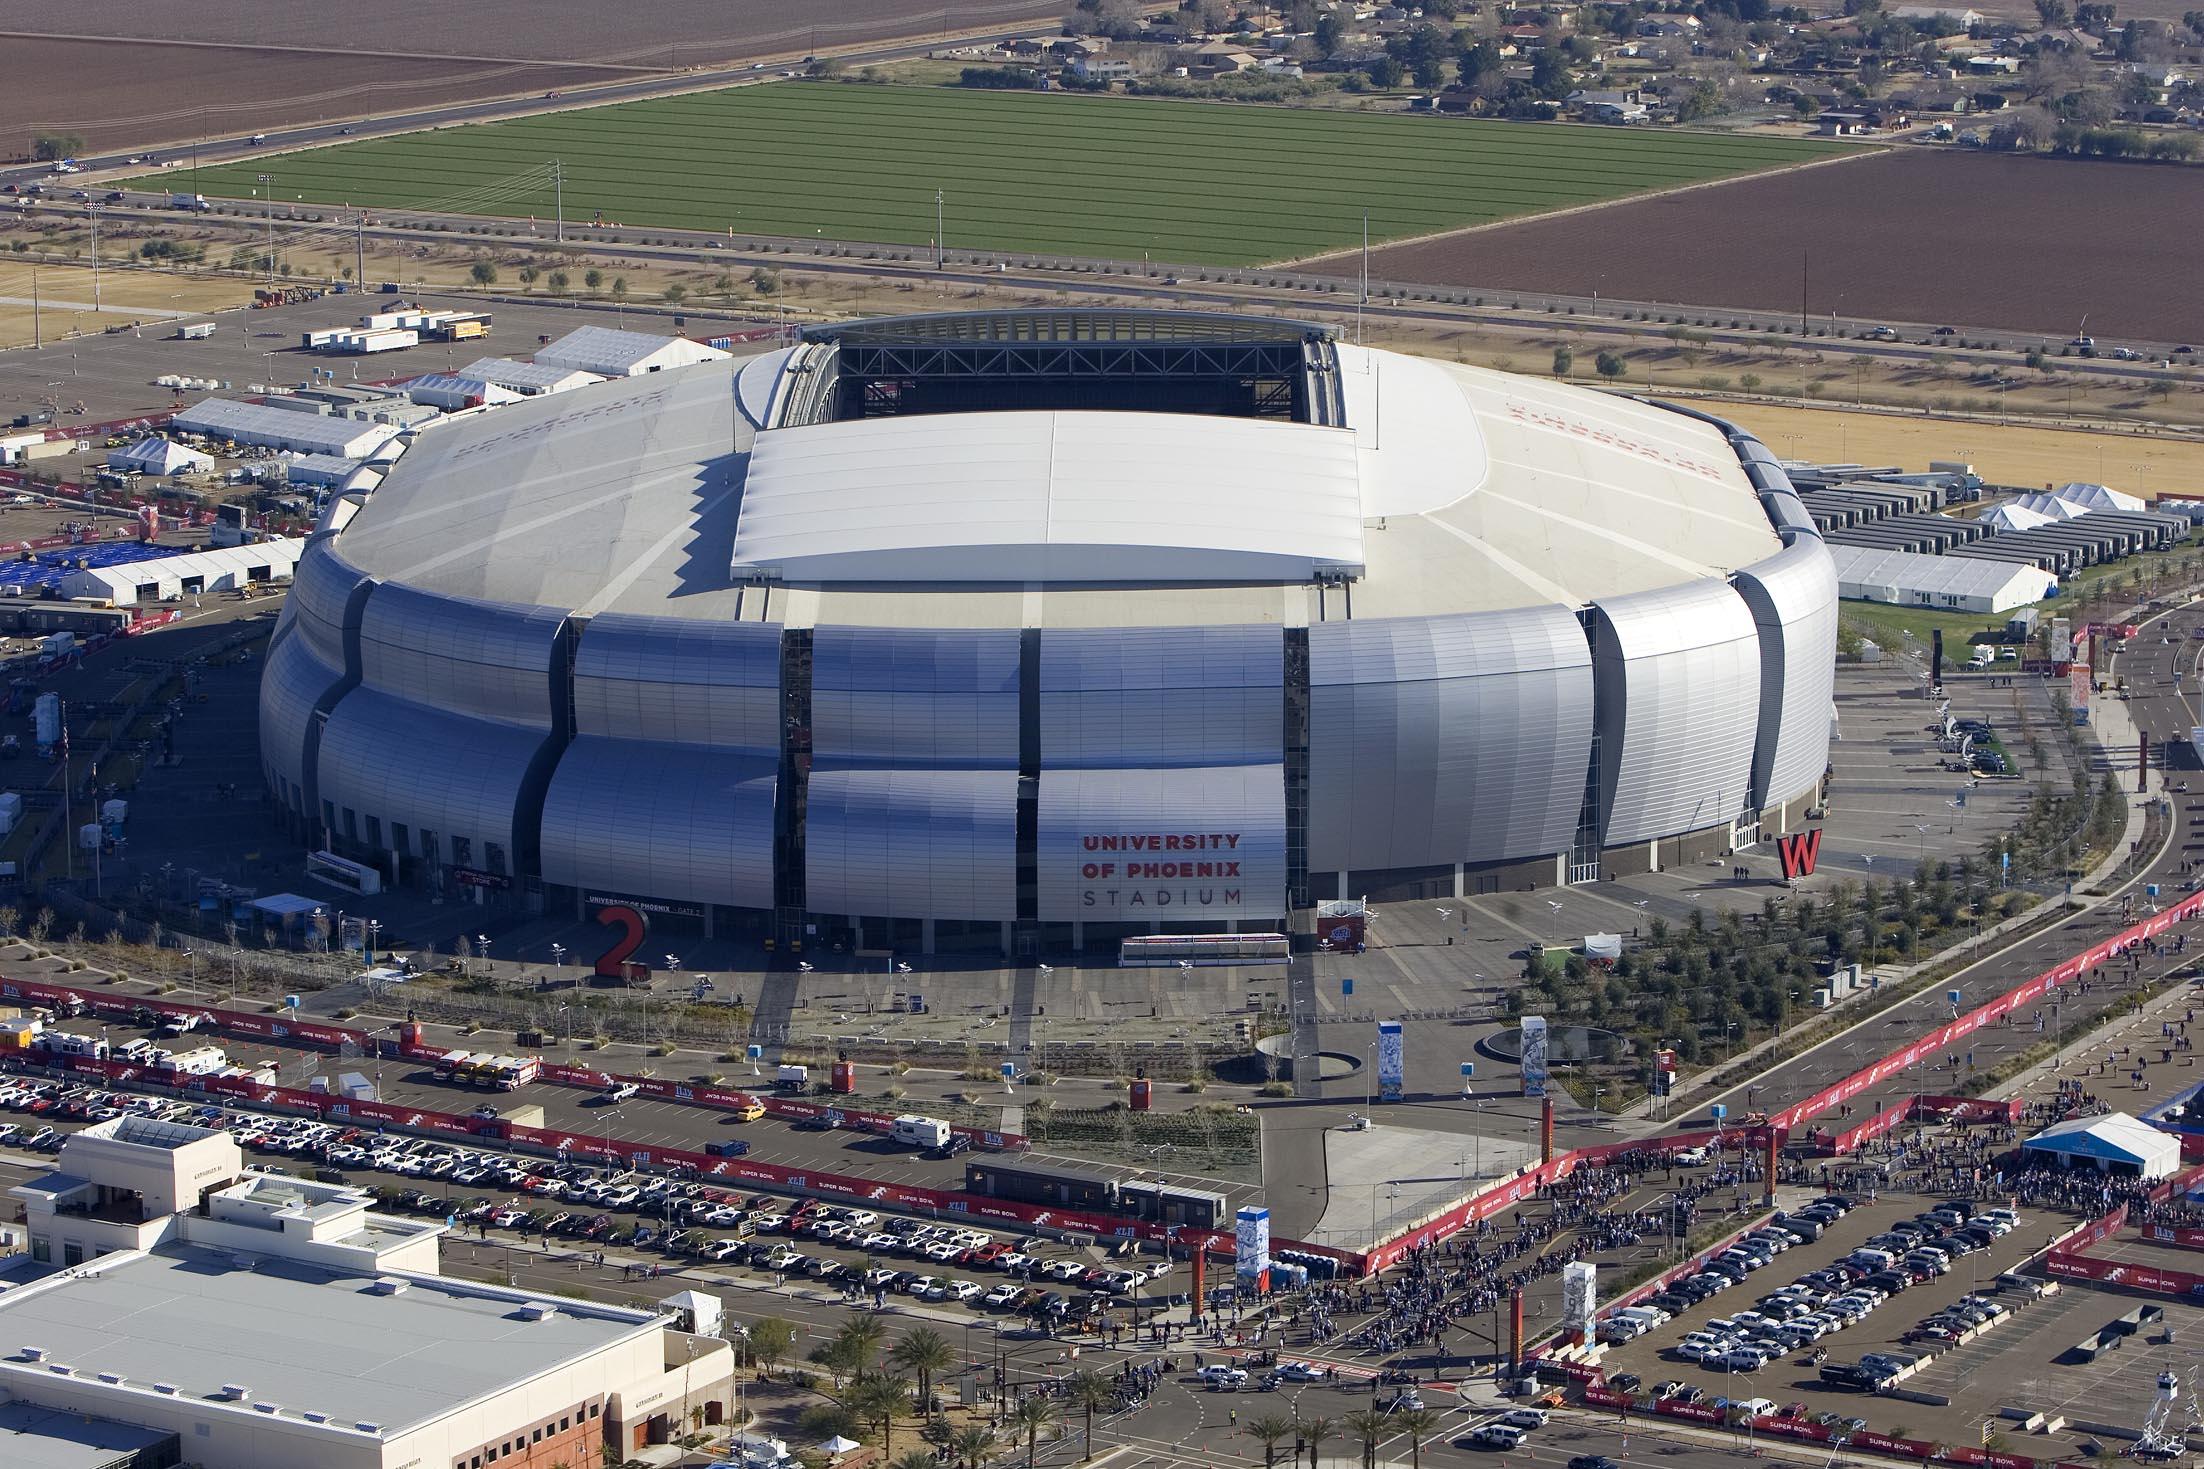 Reliant Stadium Wrestlemania 25